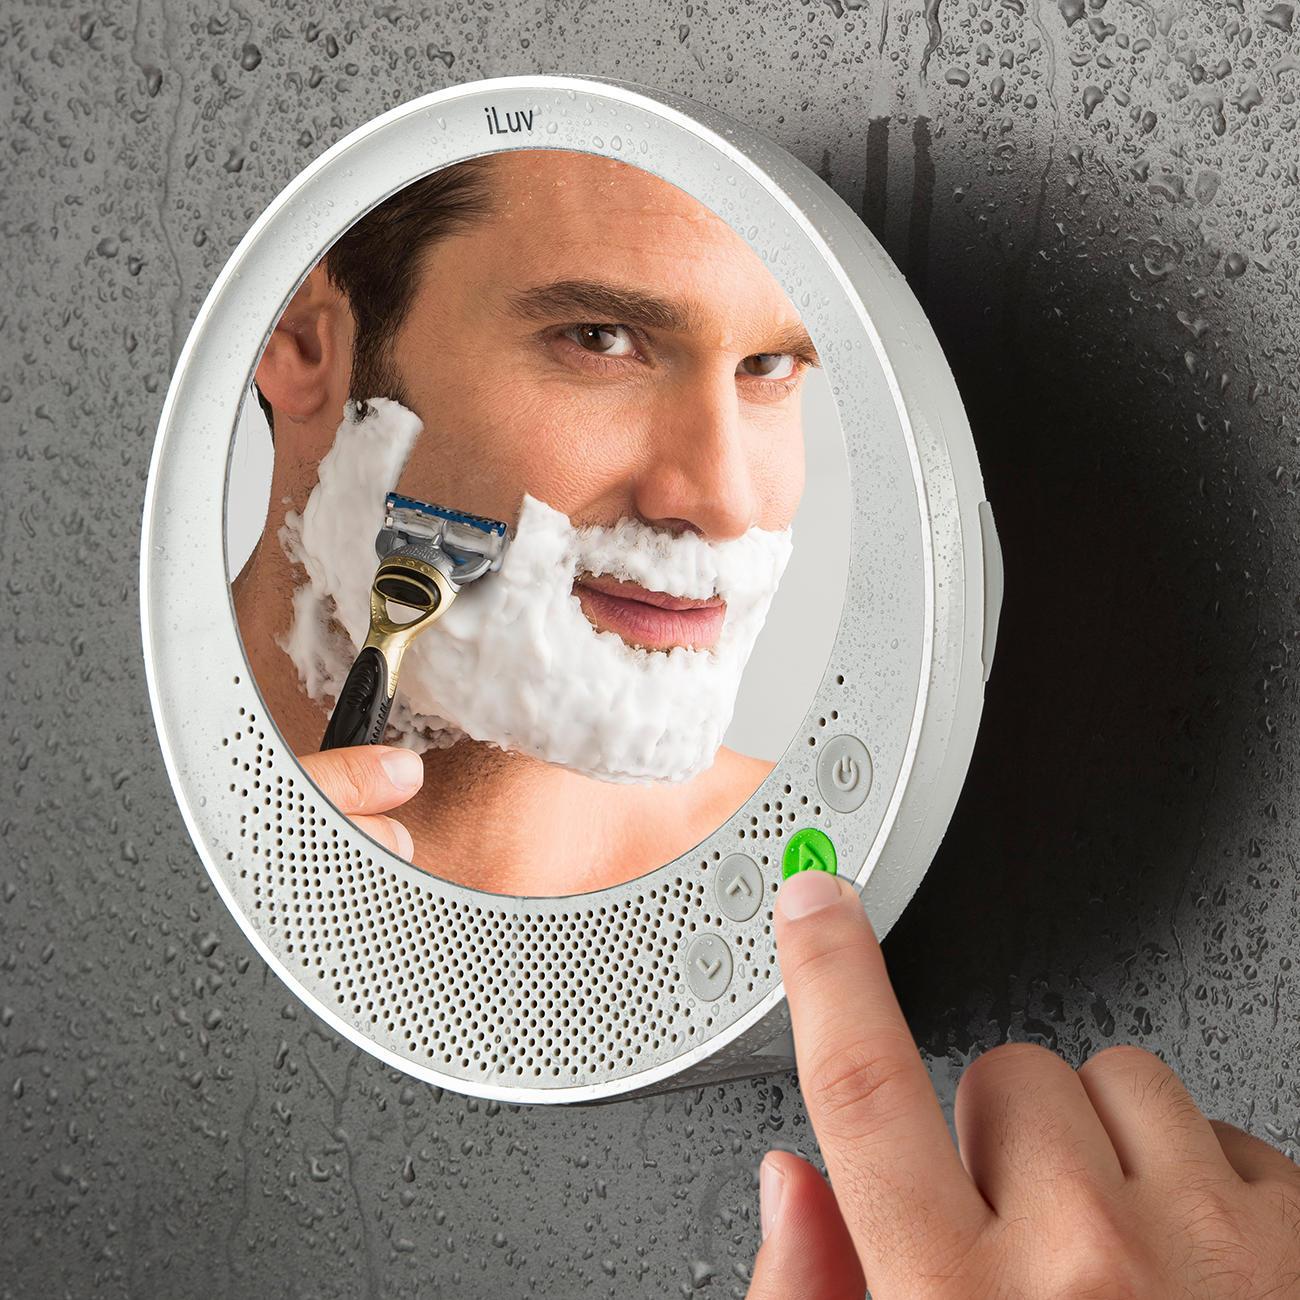 acheter Iluv Wasserdichter Bluetooth Spiegel Antifog